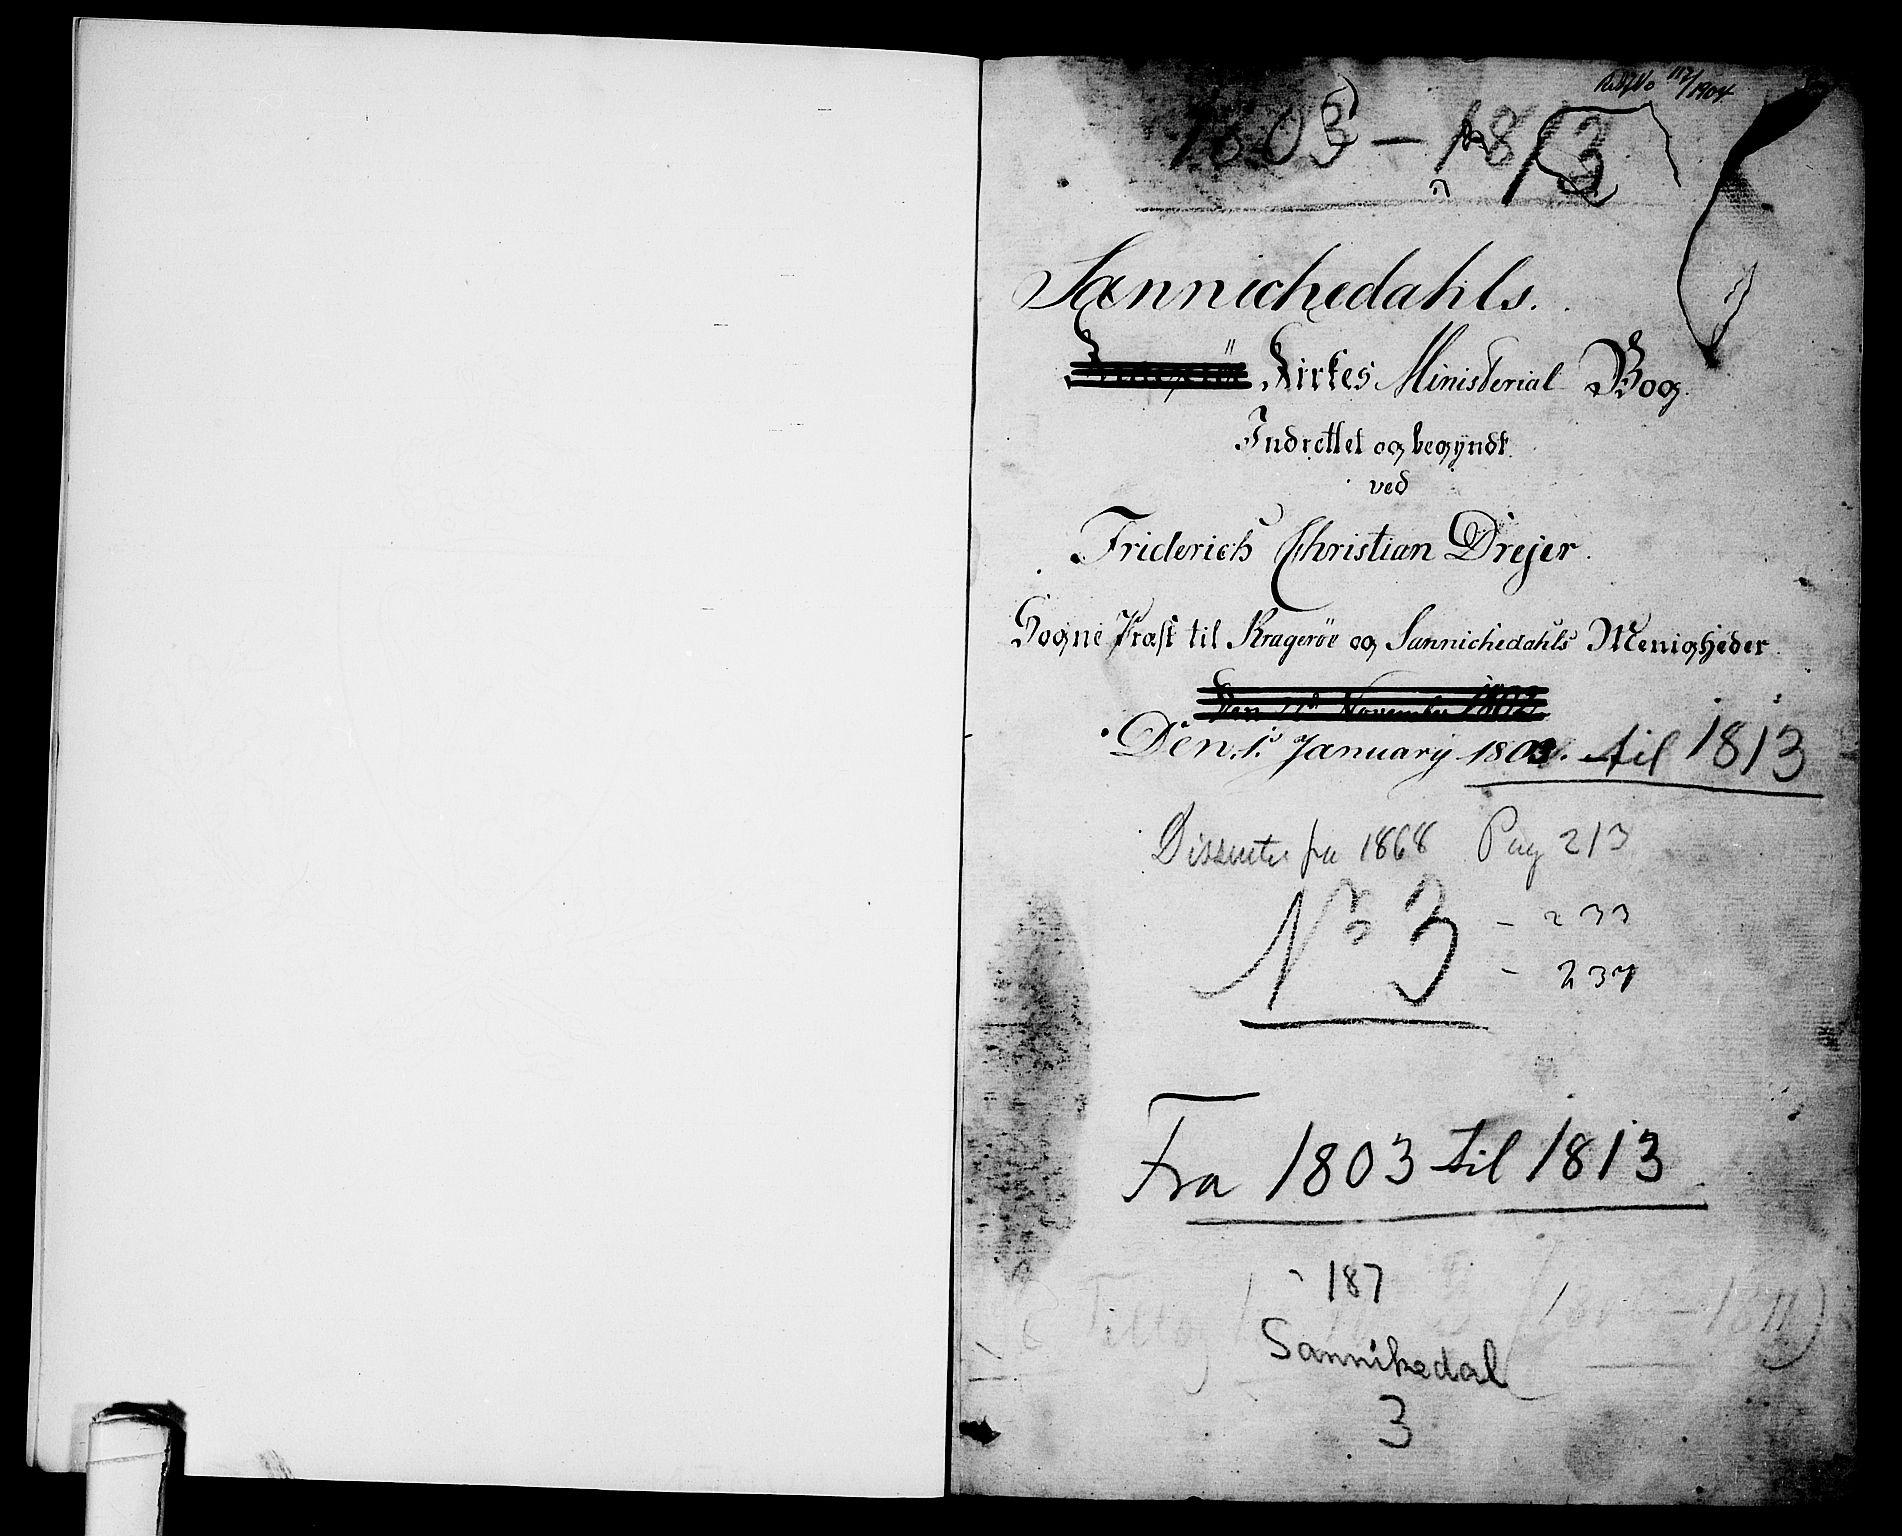 SAKO, Sannidal kirkebøker, F/Fa/L0003: Ministerialbok nr. 3, 1803-1813, s. 0-1